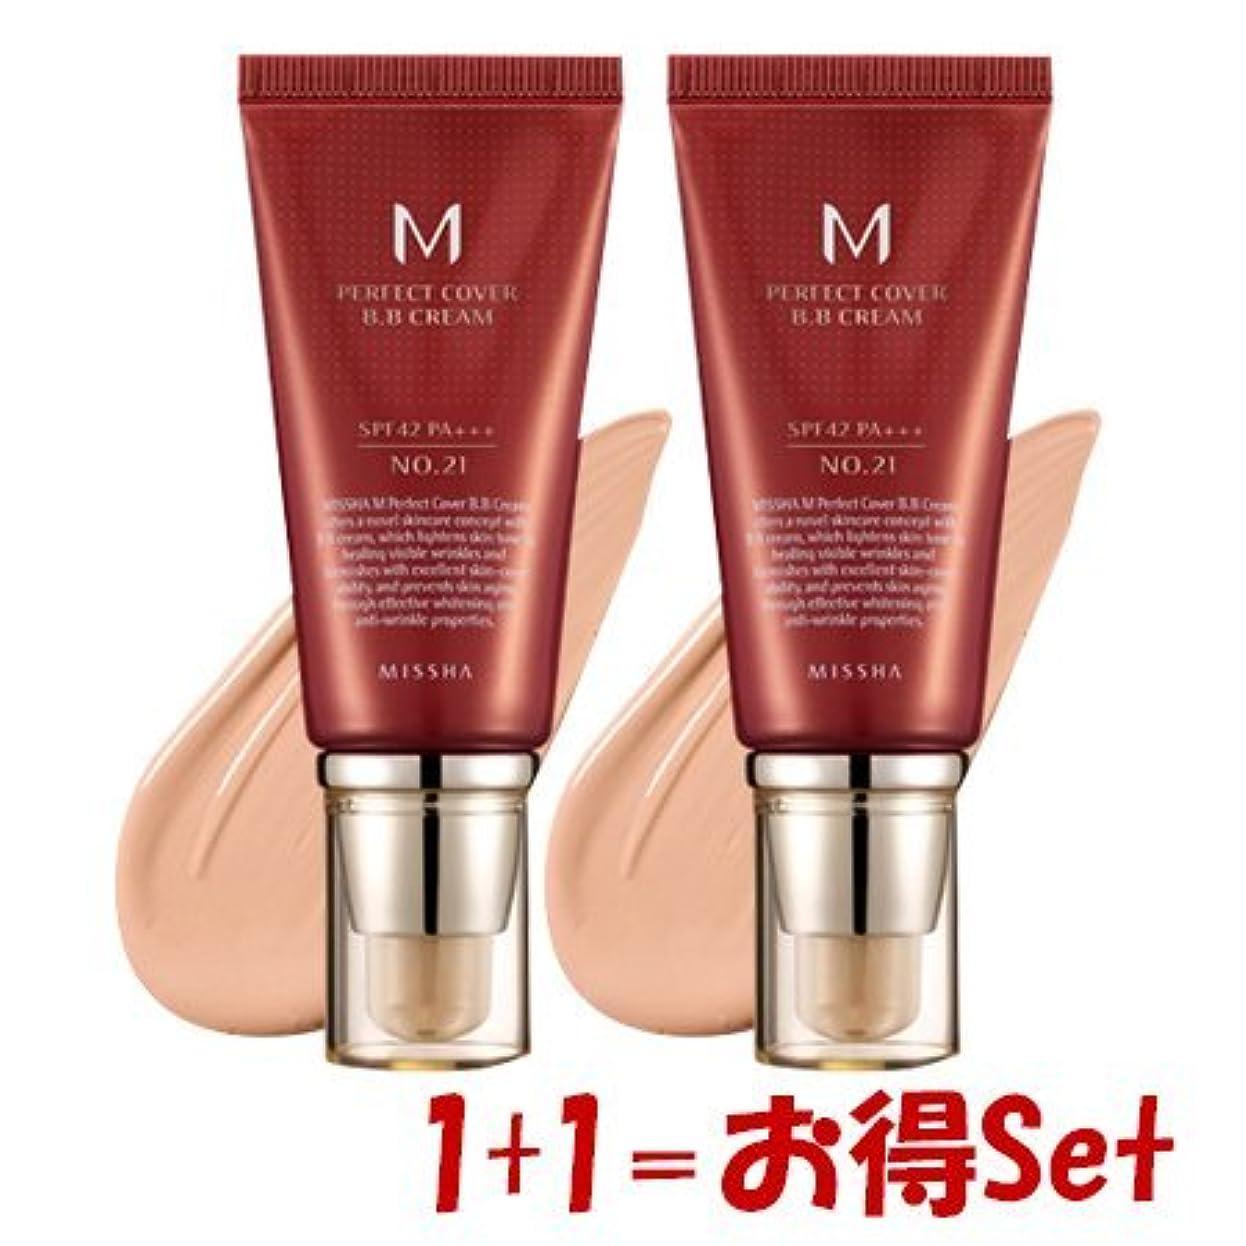 フェミニン火傷労苦MISSHA(ミシャ) M Perfect Cover パーフェクトカバーBBクリーム 21号+ 21号(1+1=お得Set)